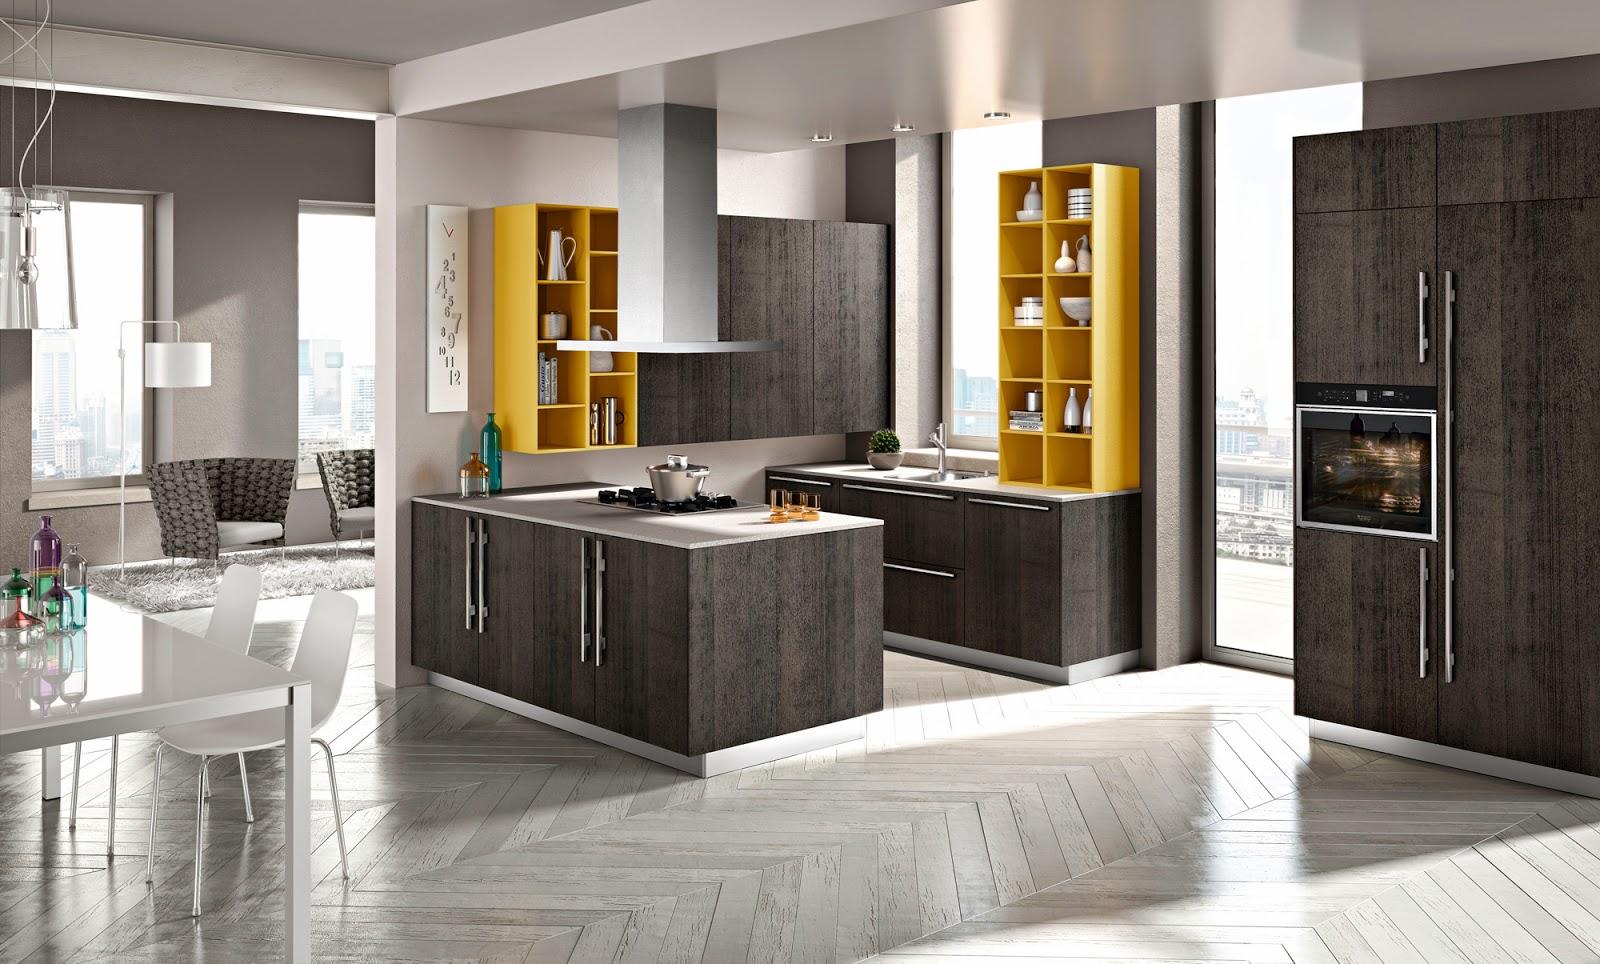 Migliori Cucine Moderne | Gallery Of Cucine Moderne In Muratura Con ...